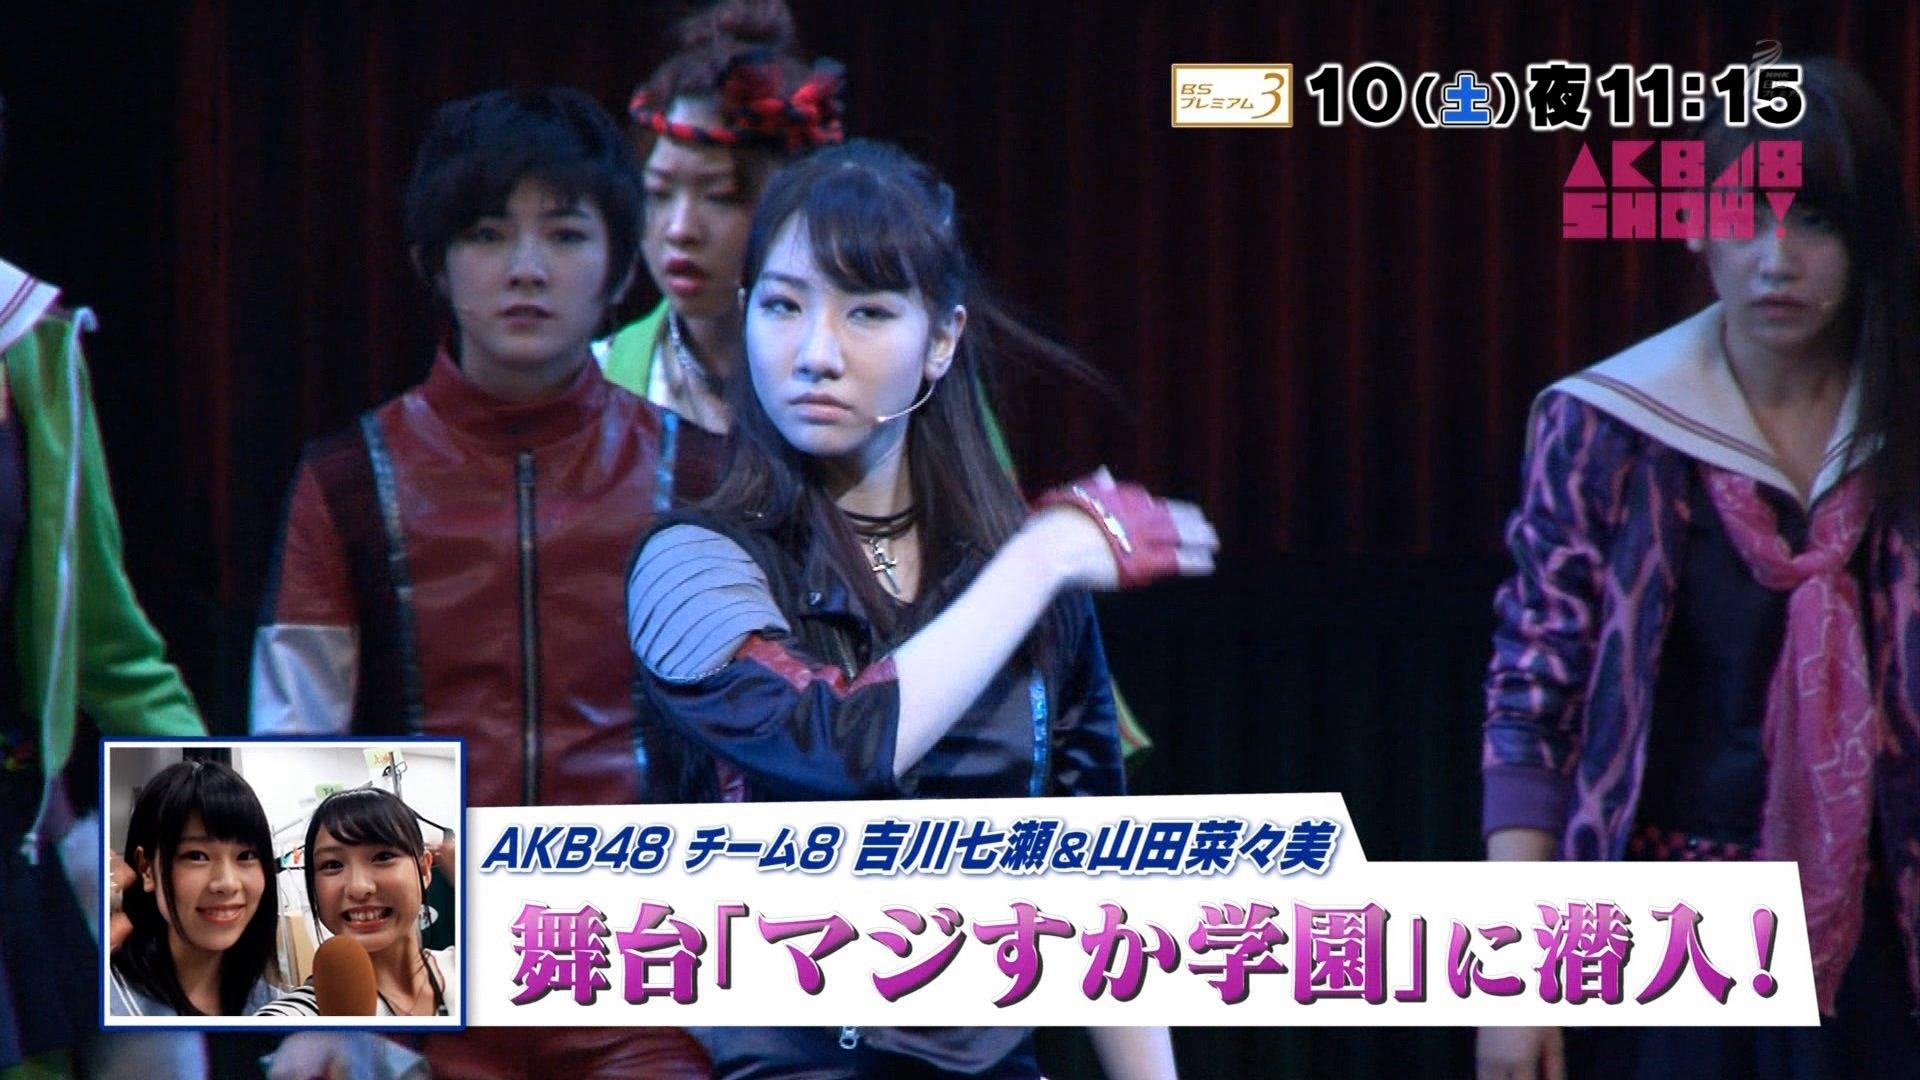 Sugawara25 On Twitter Akb48show予告 舞台マジすか学園潜入 ワイプ